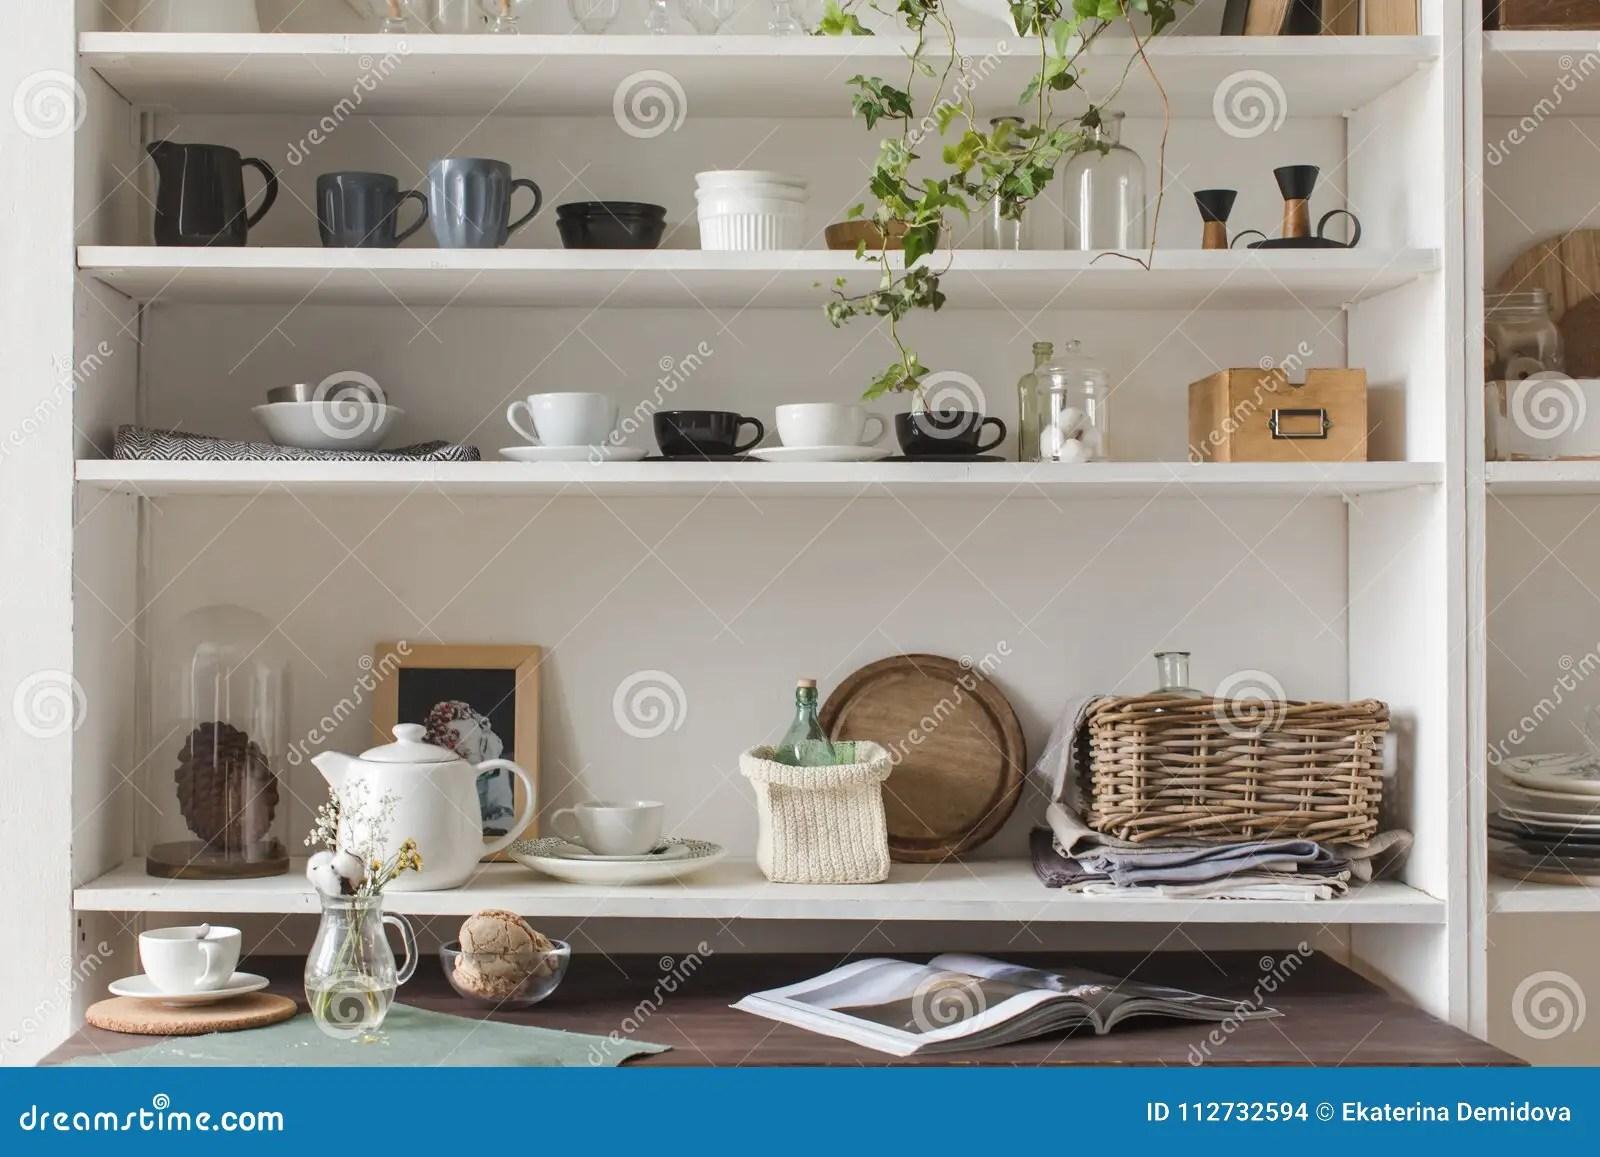 kitchen shelf decor design cheap 与器物的厨房架子库存照片 图片包括有命令 高雅 准备 现代 没人 与器物的厨房架子